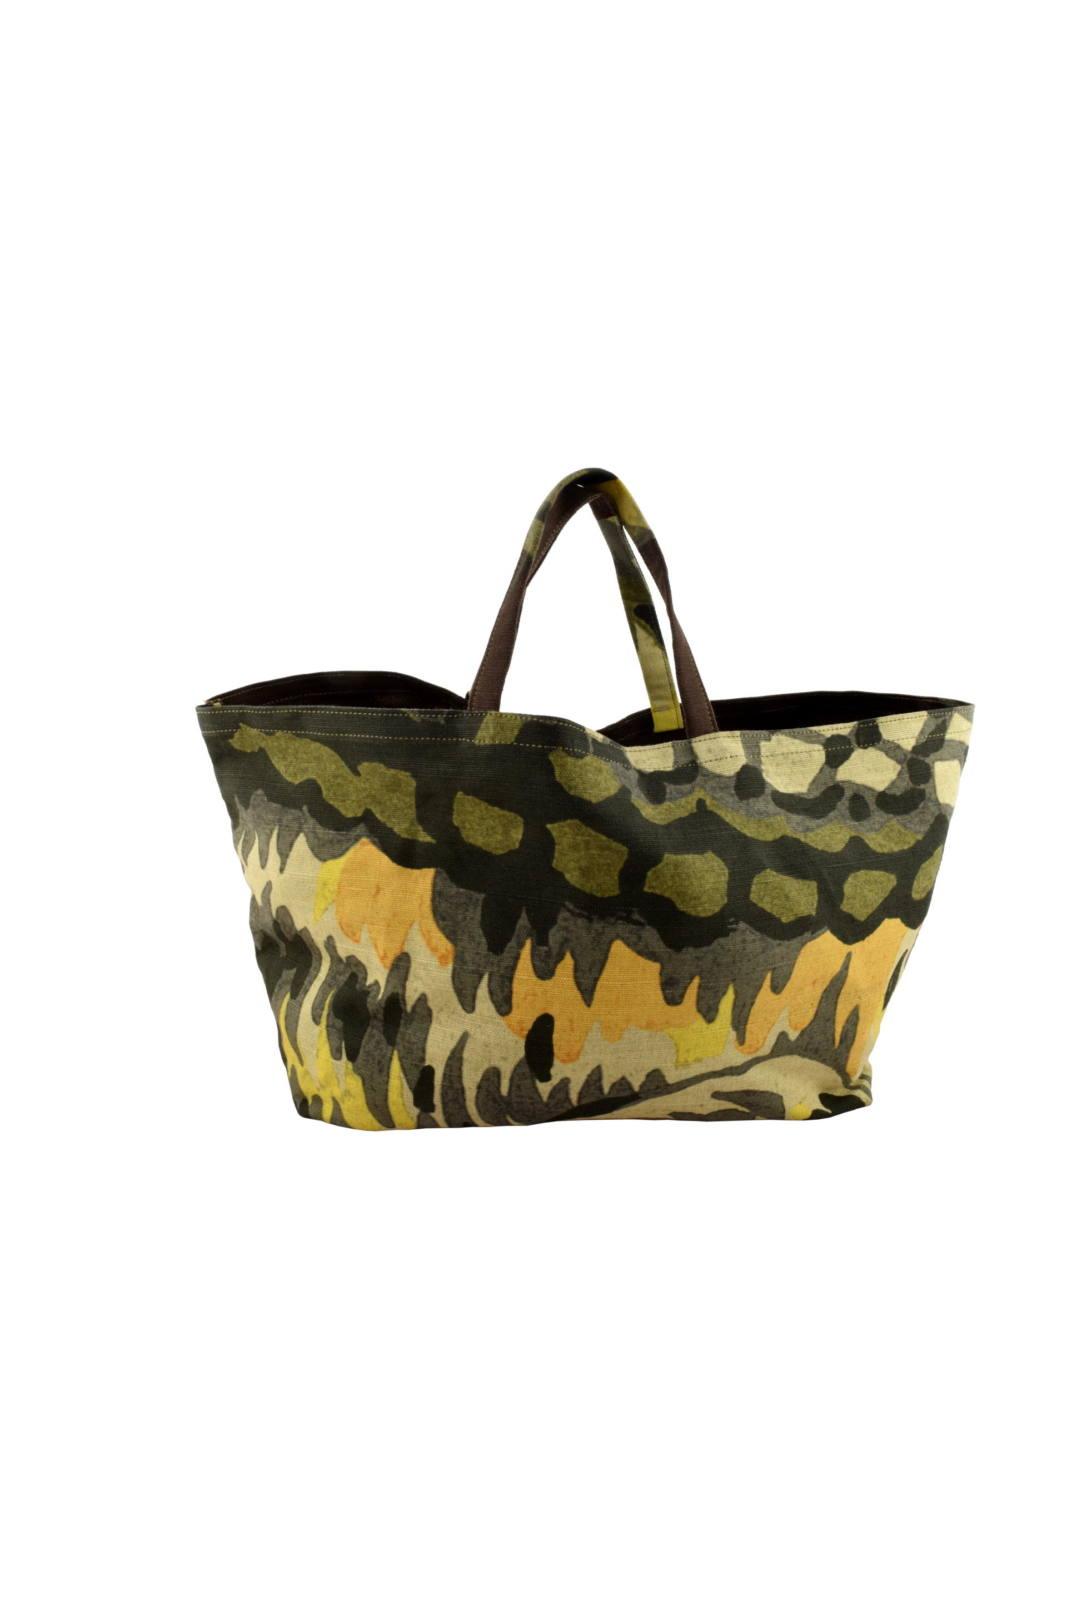 Niarvi női táska, kézzel festett bőr, mező mintás eMAG.hu